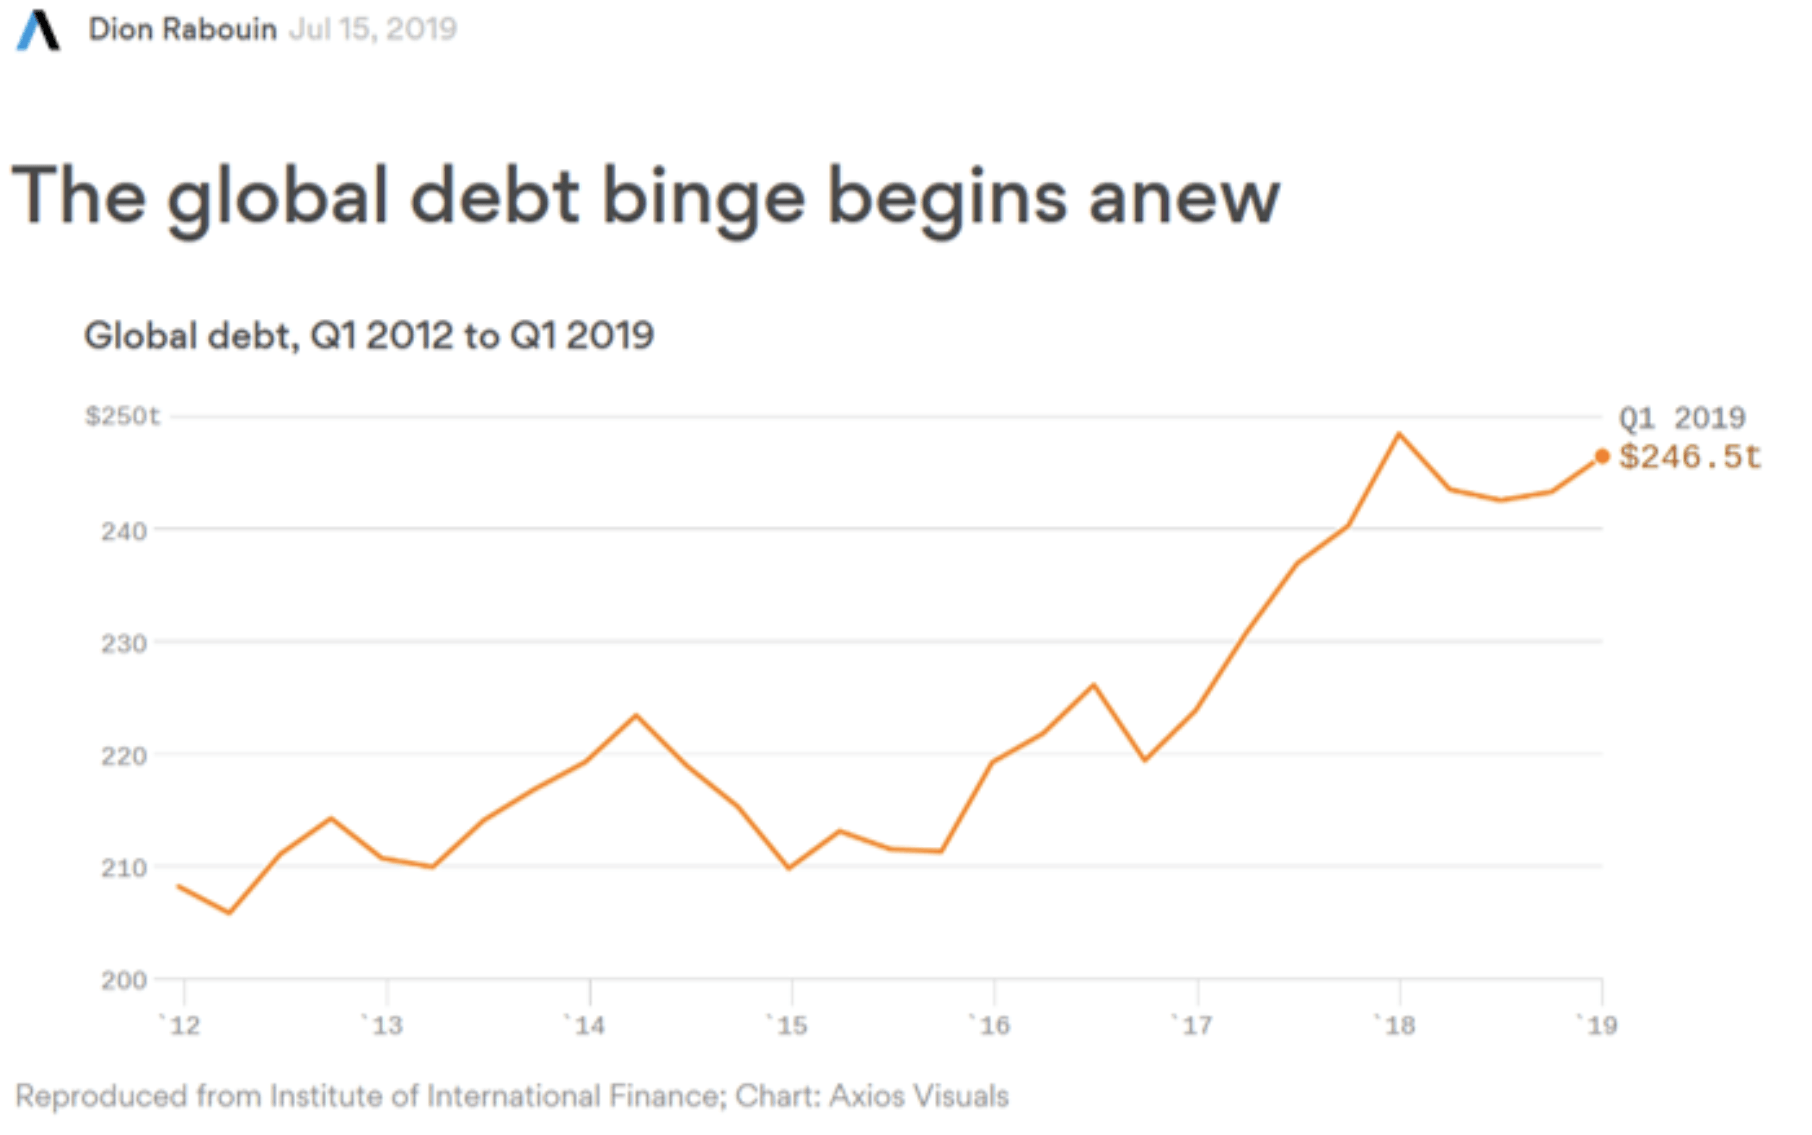 Globale Schulden und Handelskrieg